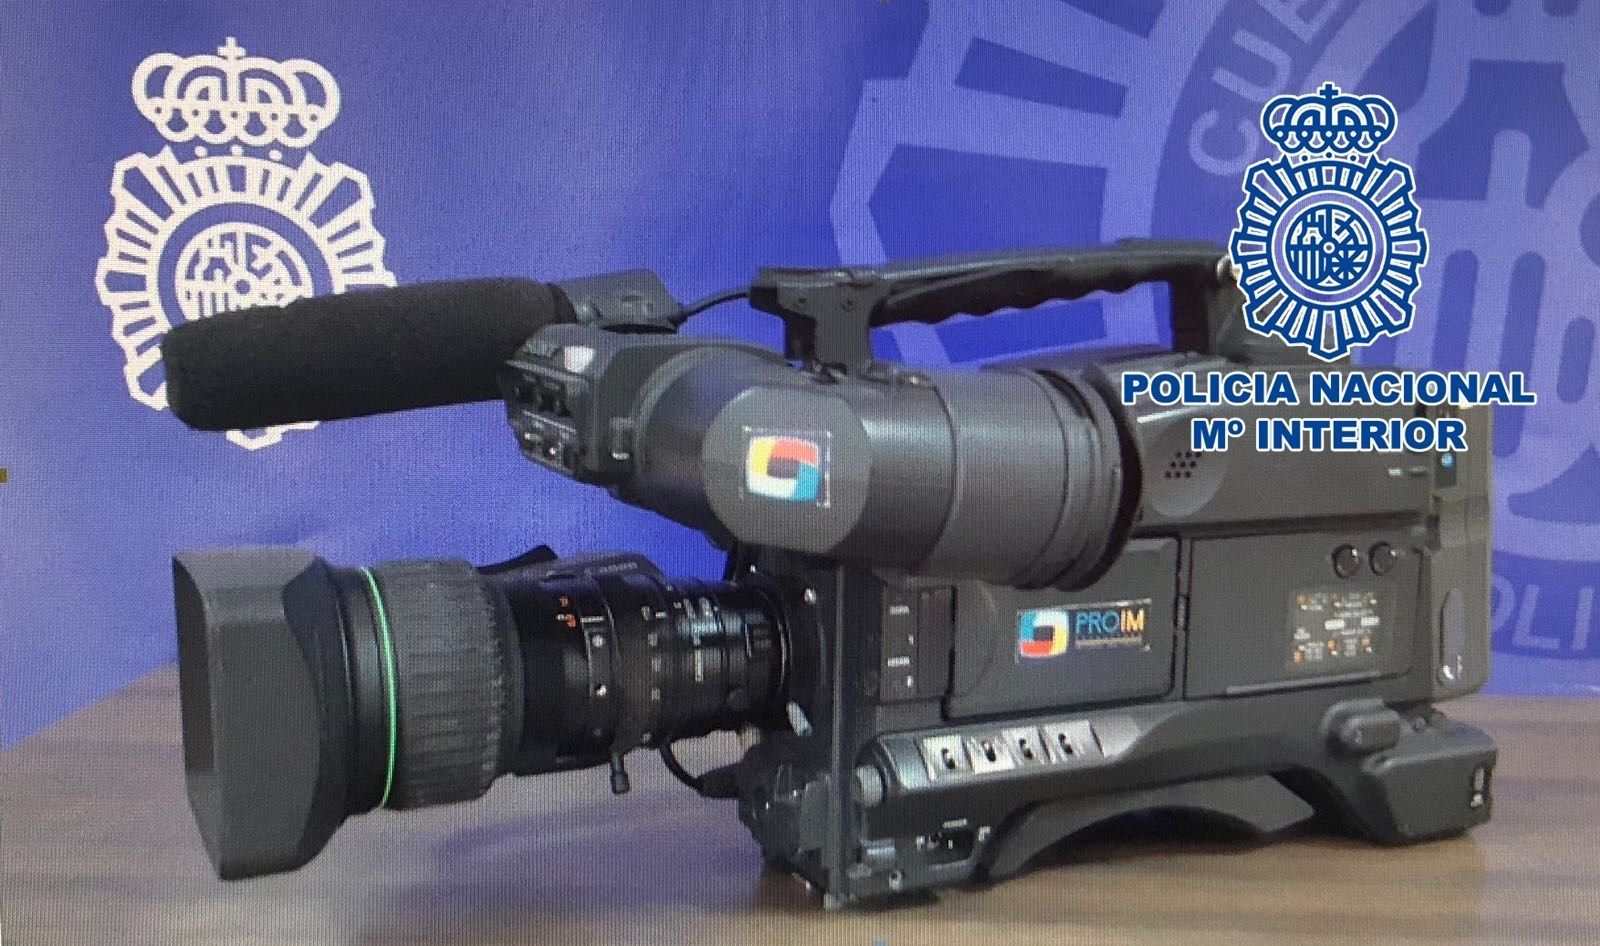 Una cámara profesional de televisión, entre los objetos recuperados por la Policía Nacional durante el Carnaval de Santa Cruz de Tenerife. | DA